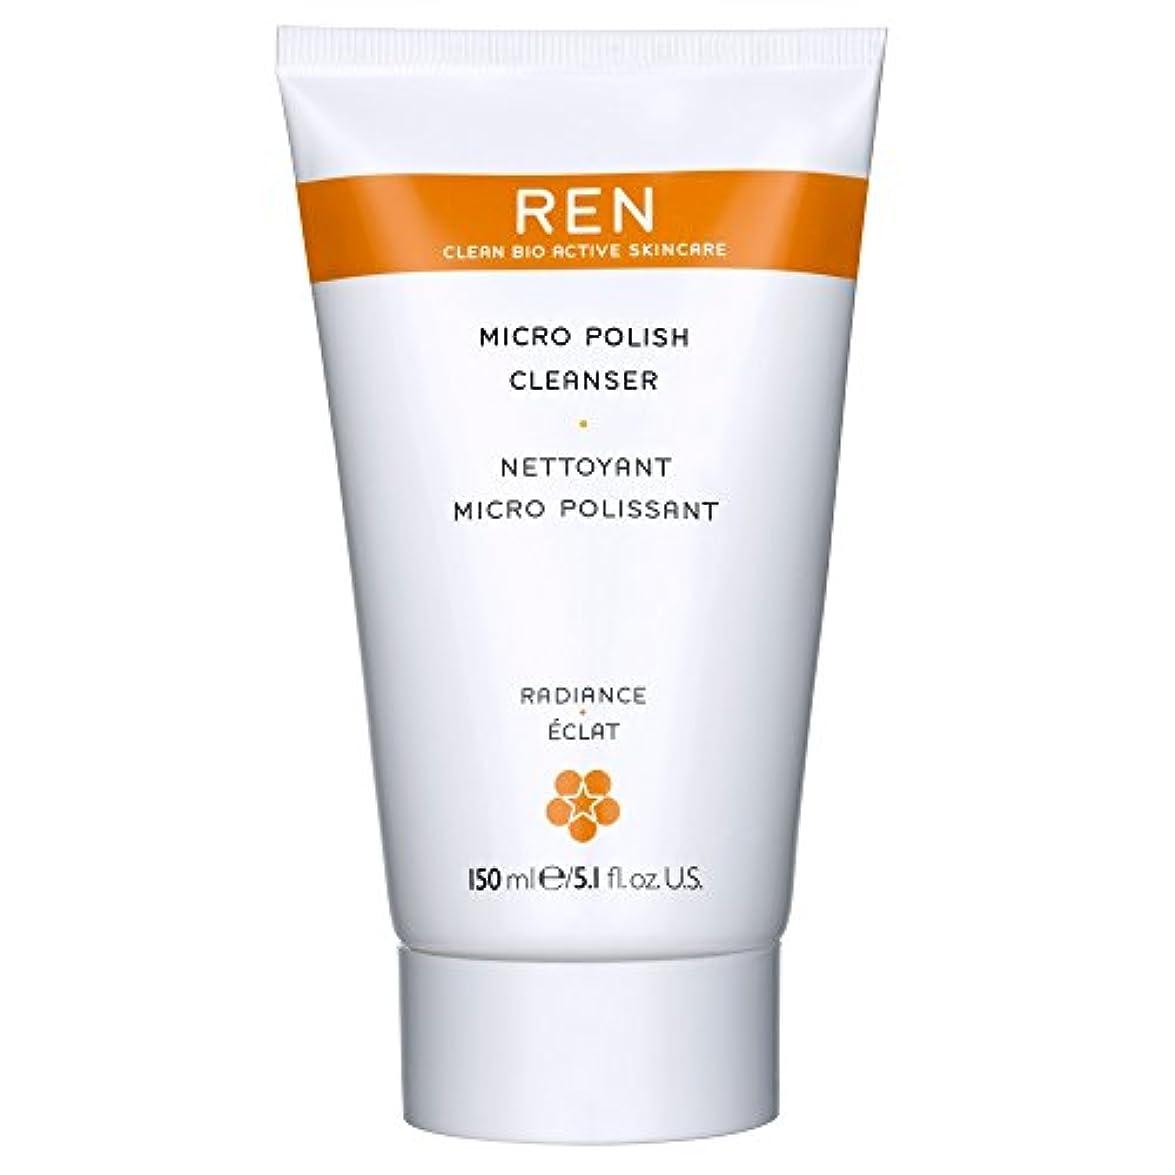 達成クラス包帯Renミルコ磨きクレンザー、150ミリリットル (REN) - REN Mirco Polish Cleanser, 150ml [並行輸入品]